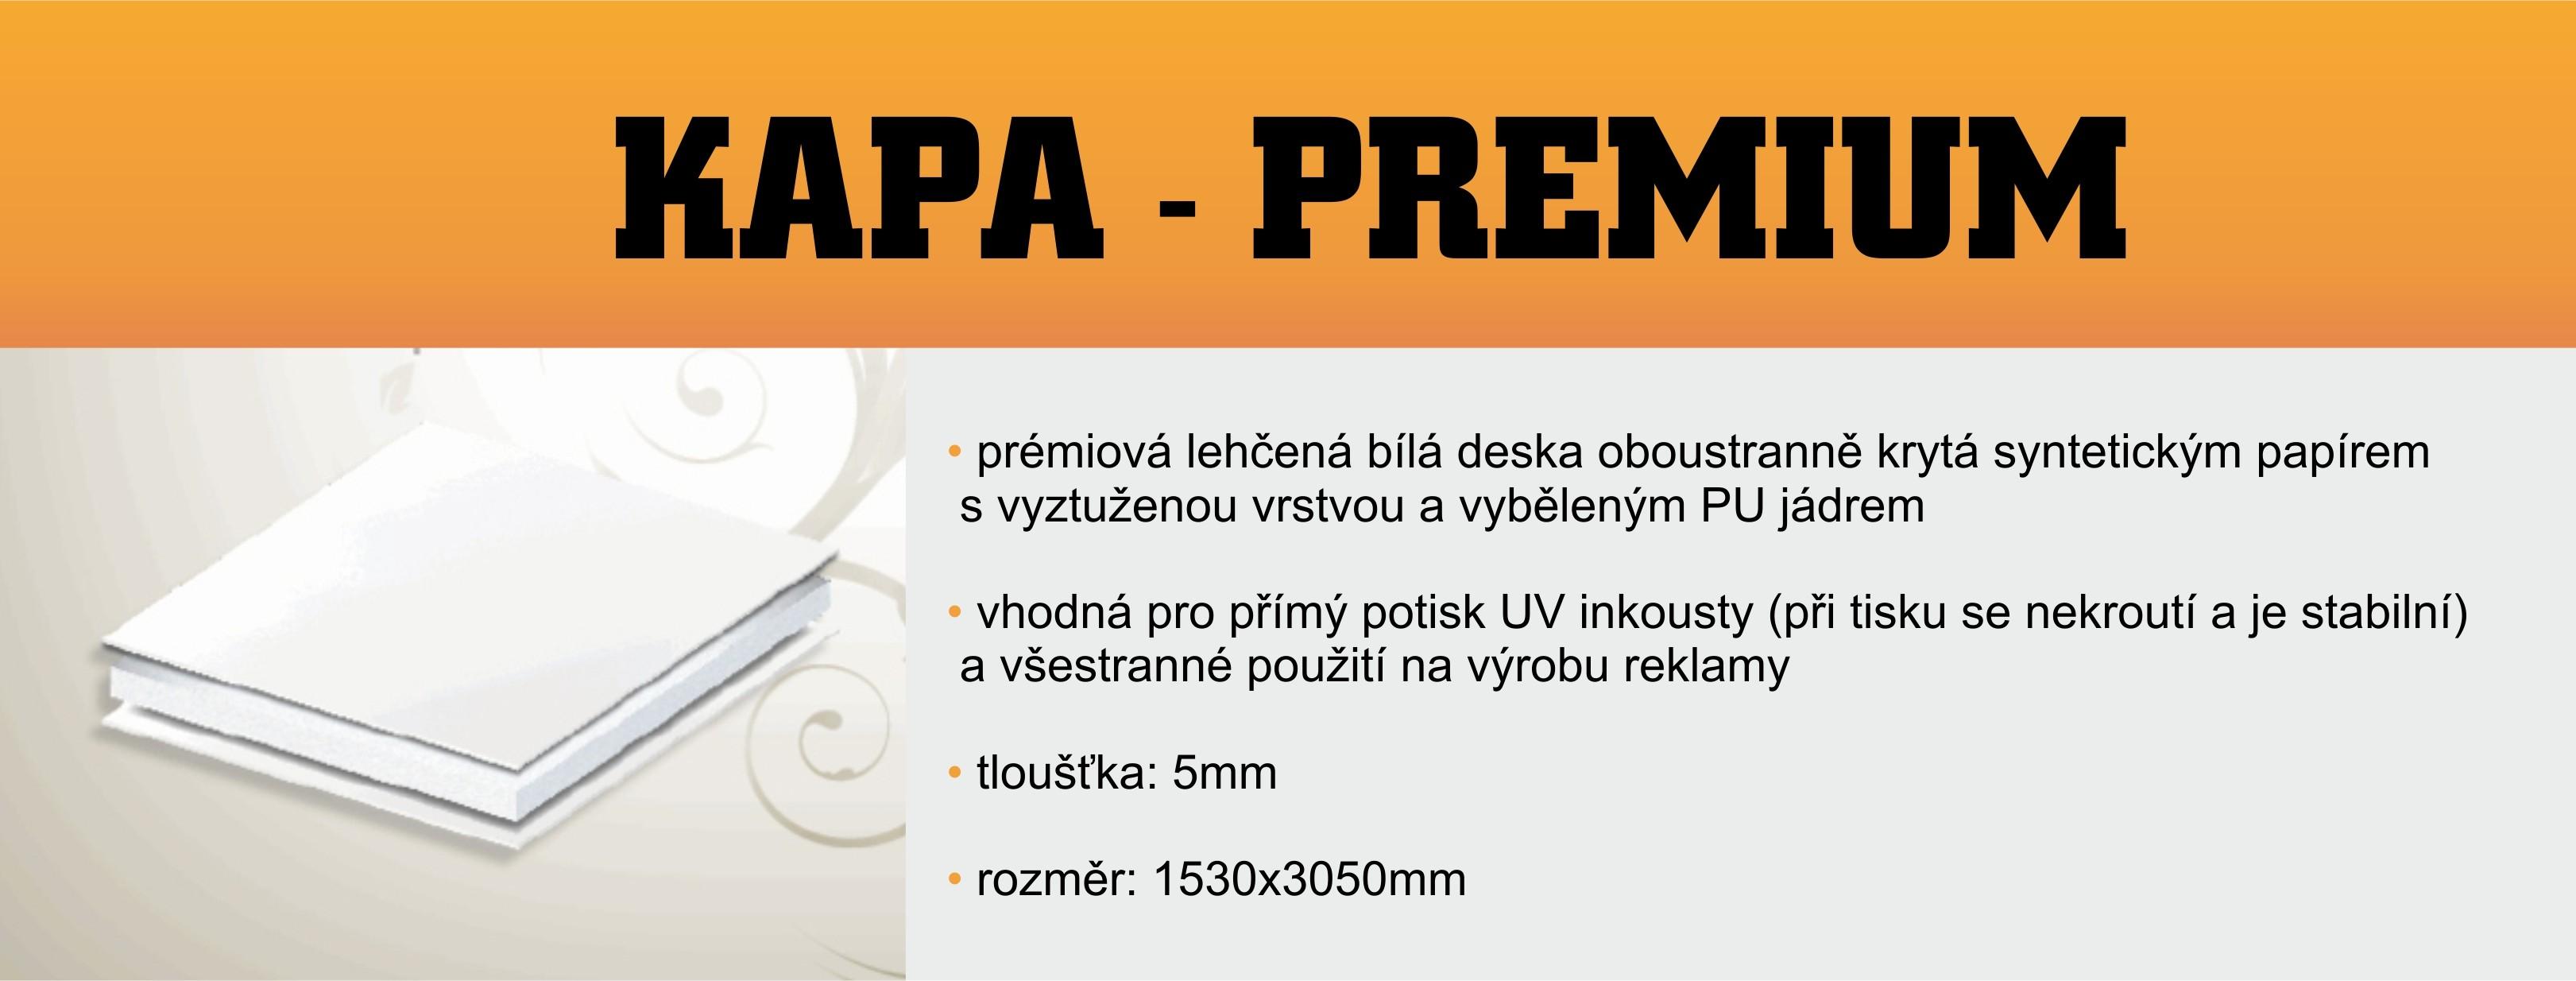 Kapa-Premium, 1530x3050 mm, tl.:5mm